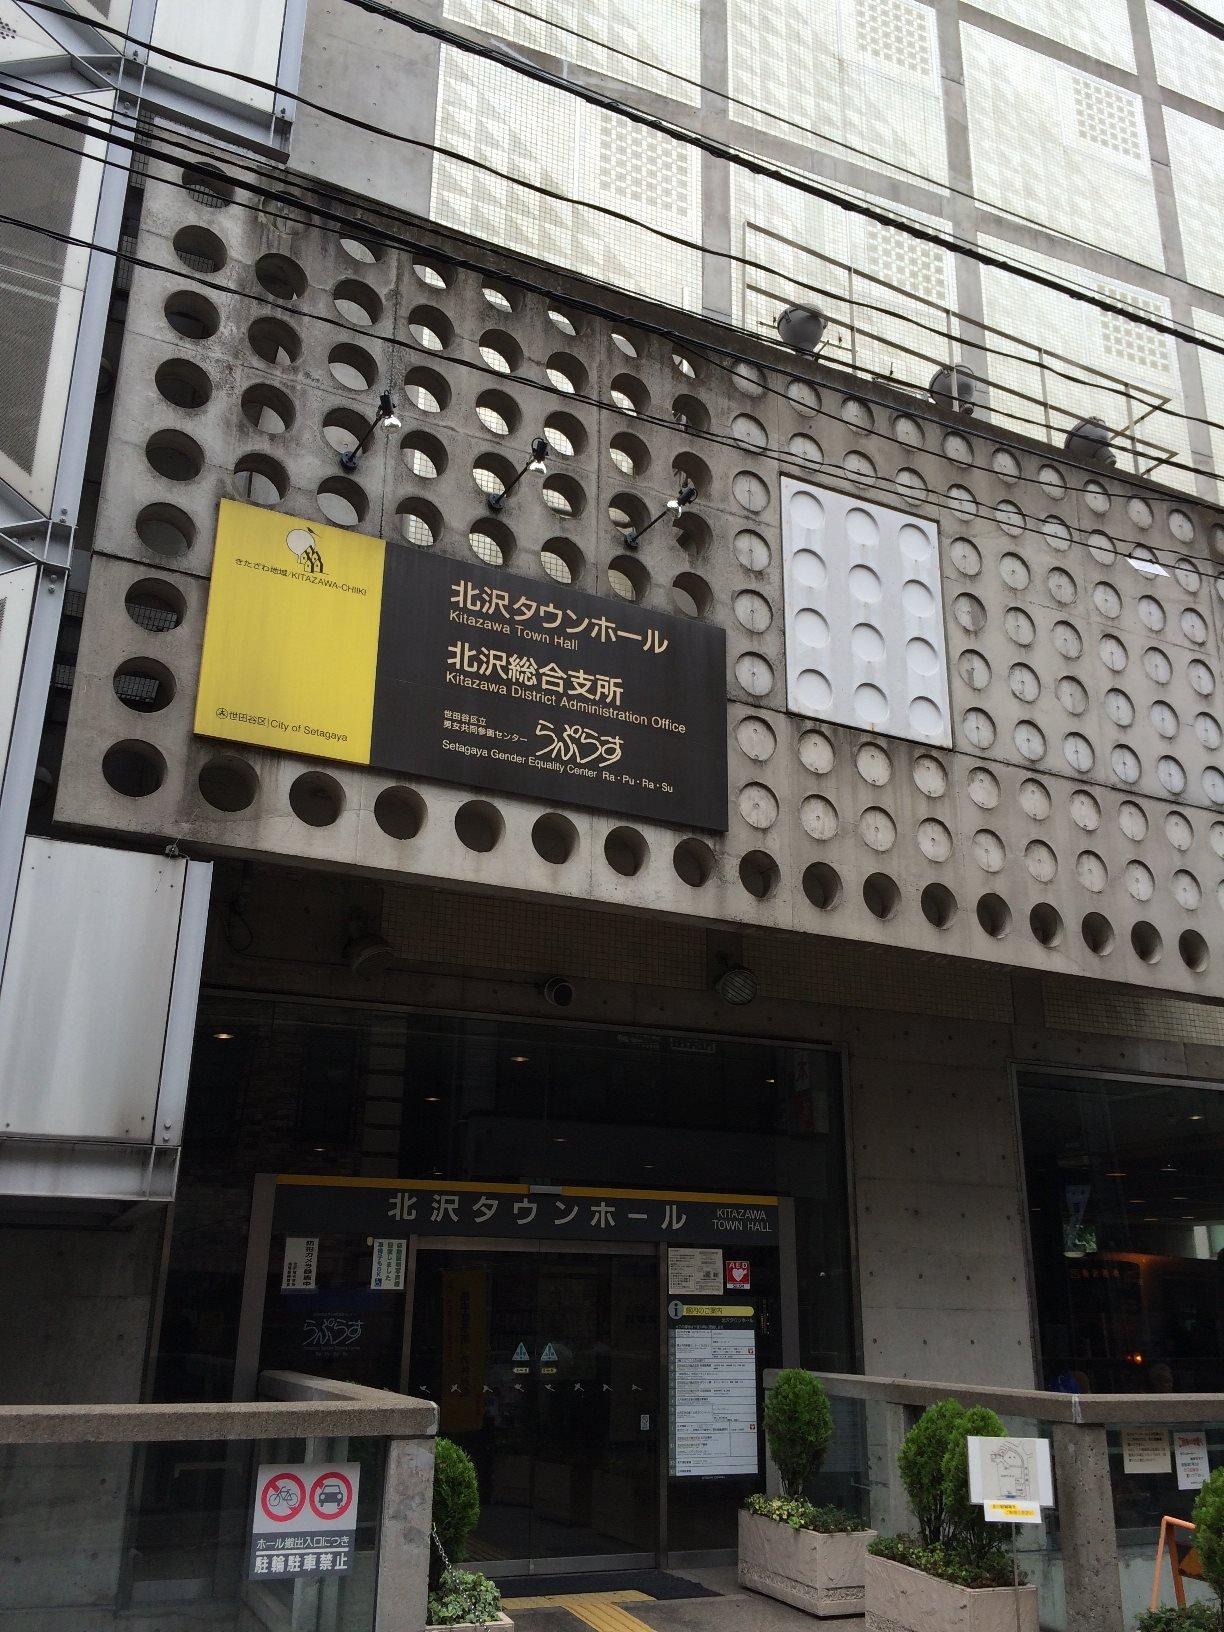 北沢タウンホール内の北沢総合支所